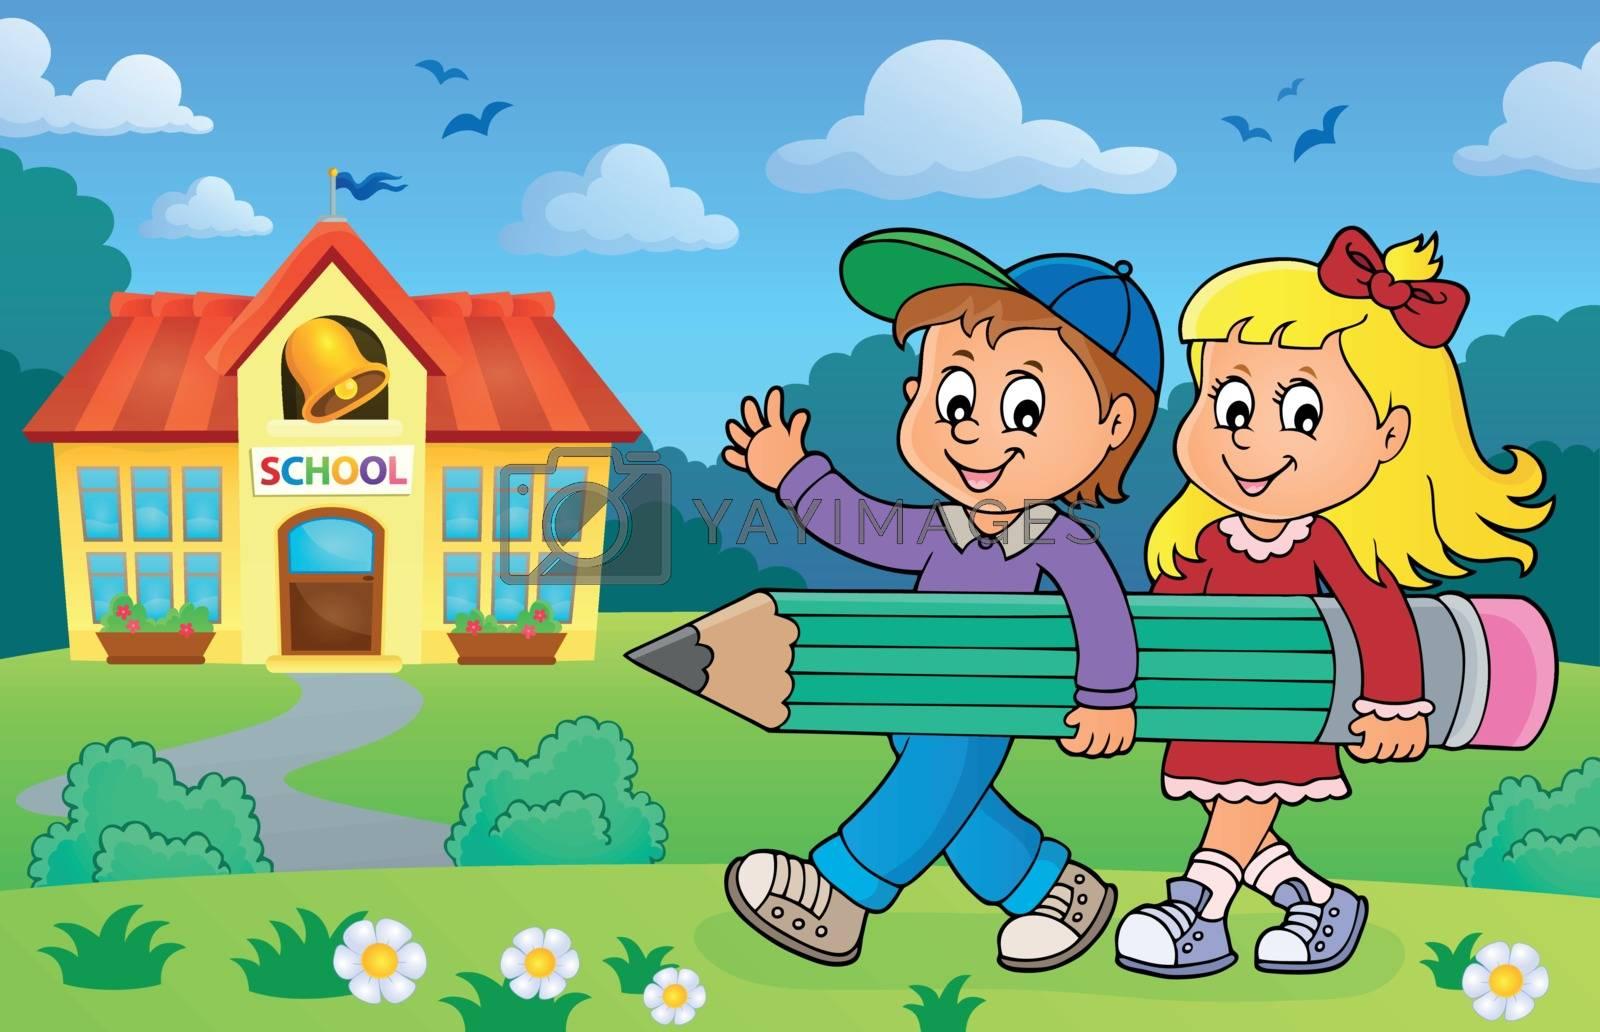 Children holding big pencil image 2 - eps10 vector illustration.